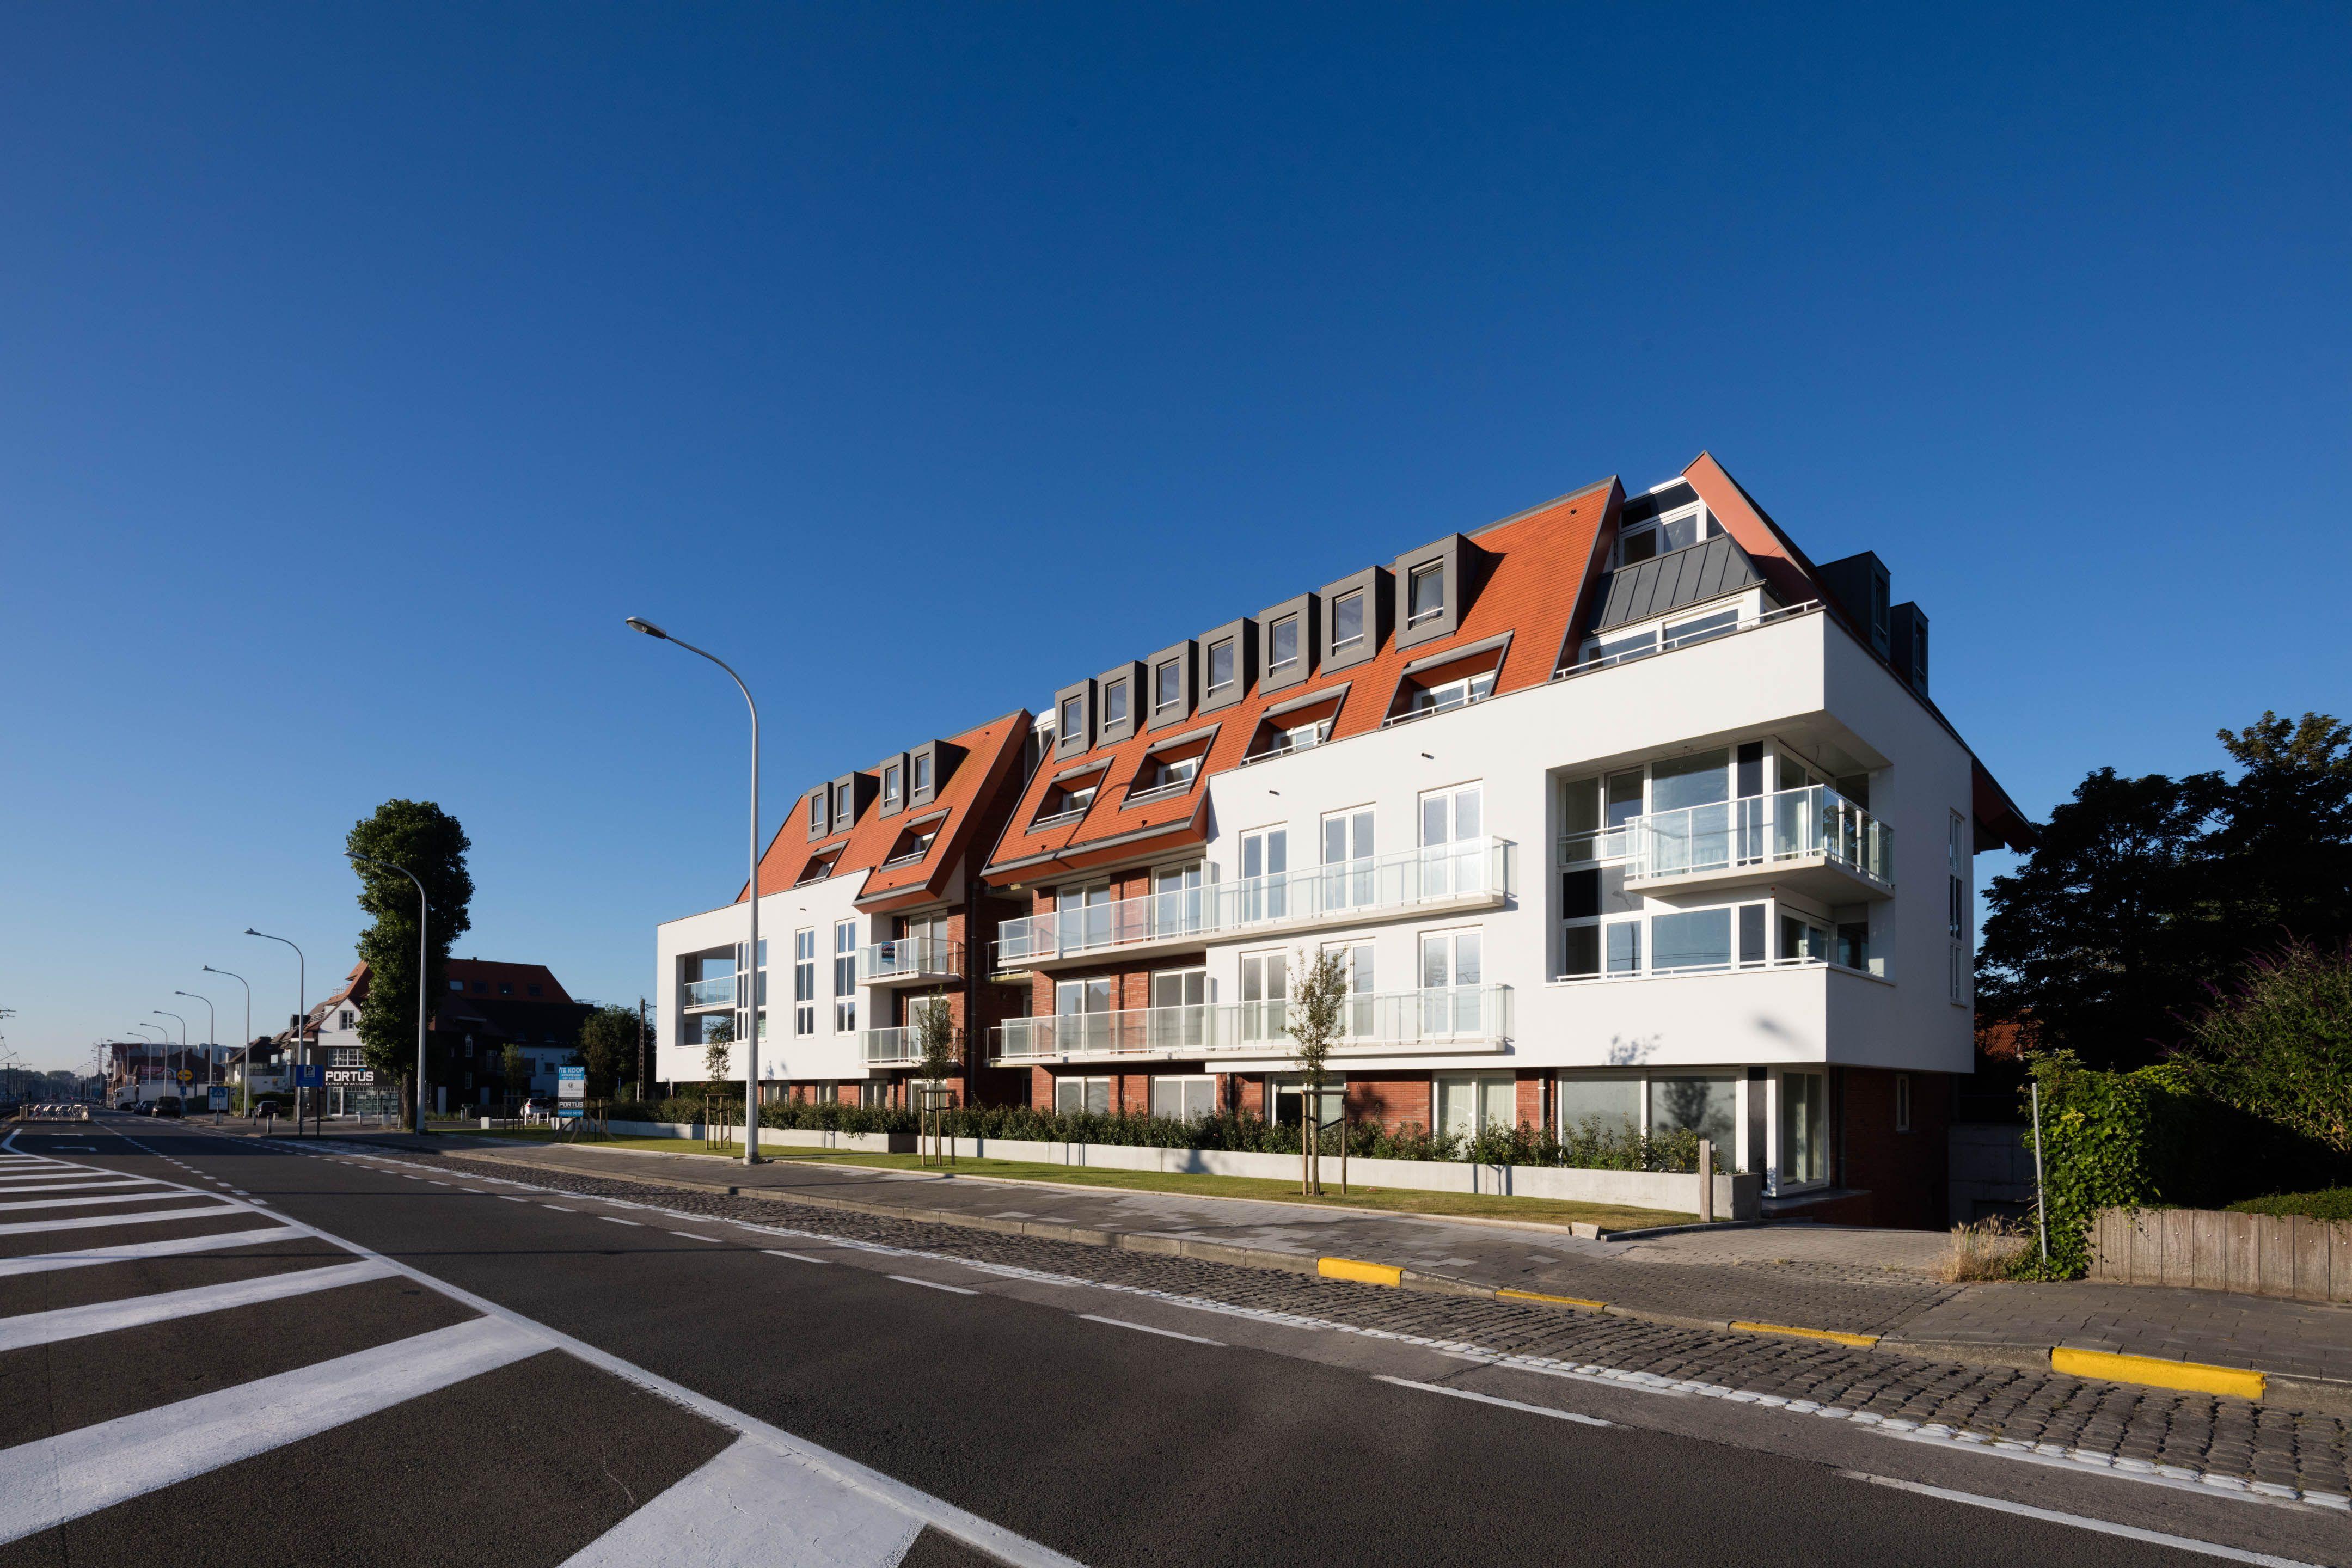 Appartement te koop met 3 slaapkamers, 2 badkamers en groot terras  - 9317